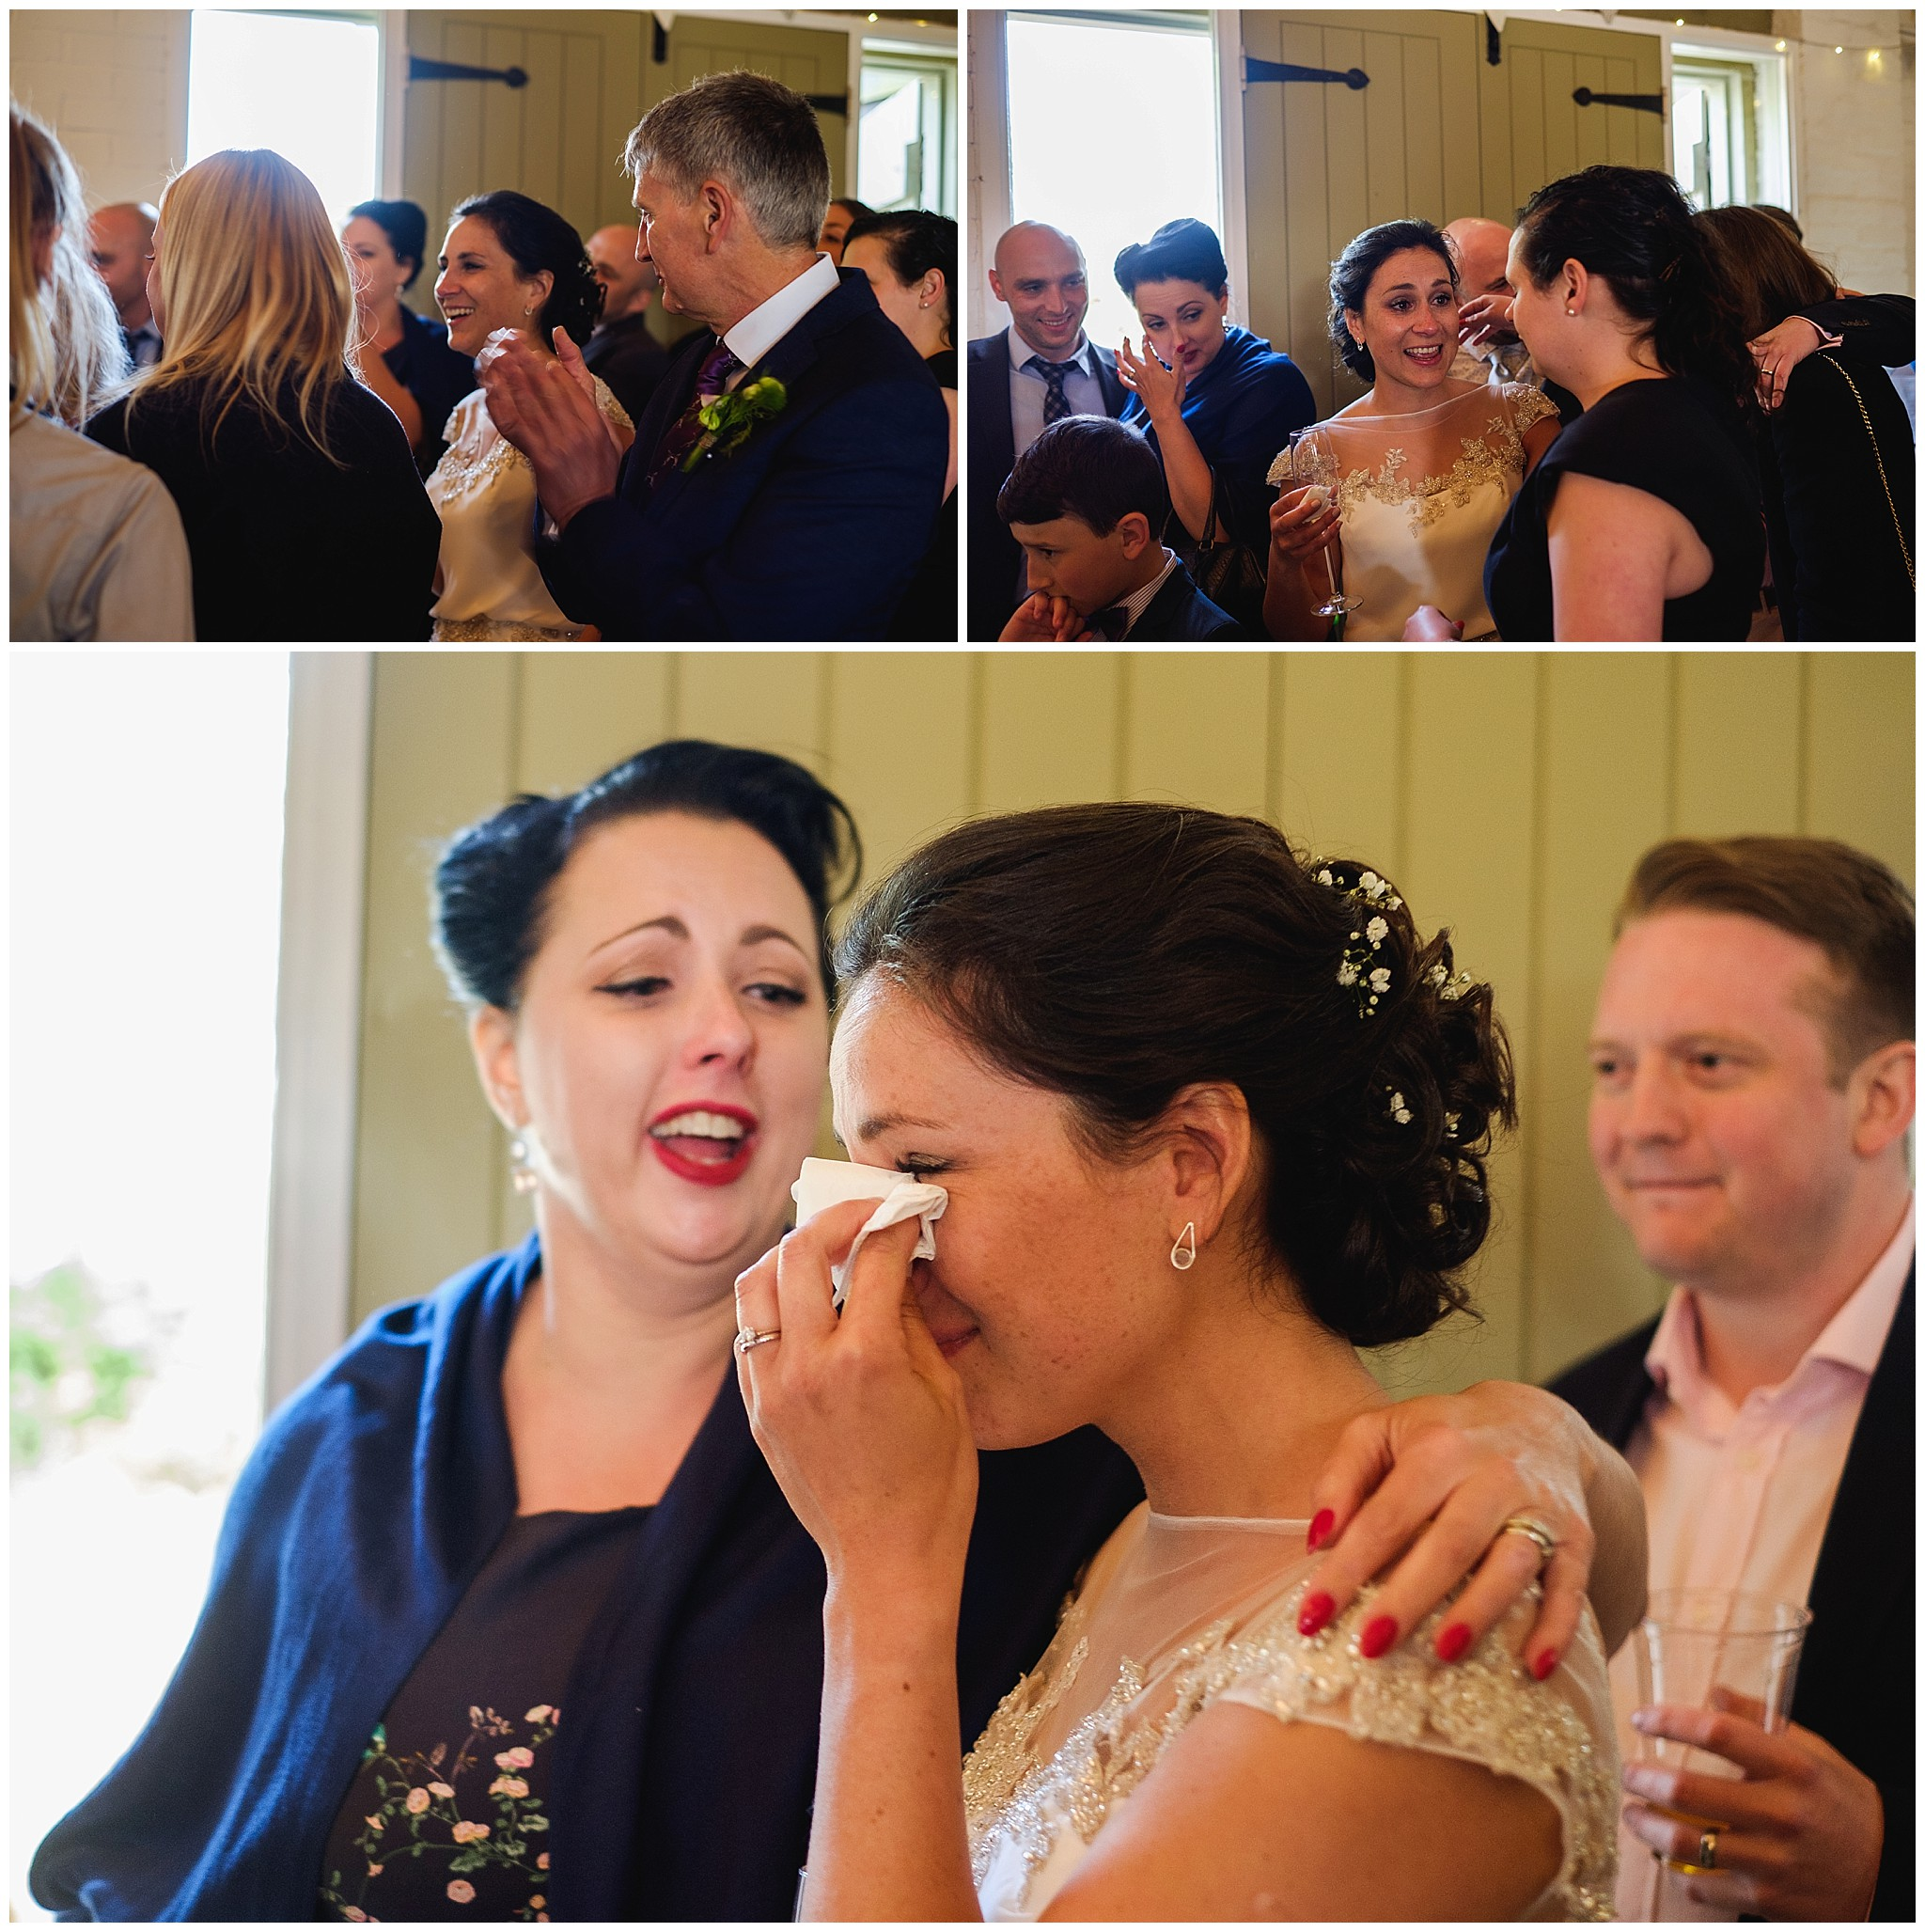 Bride cries as groom sings to her